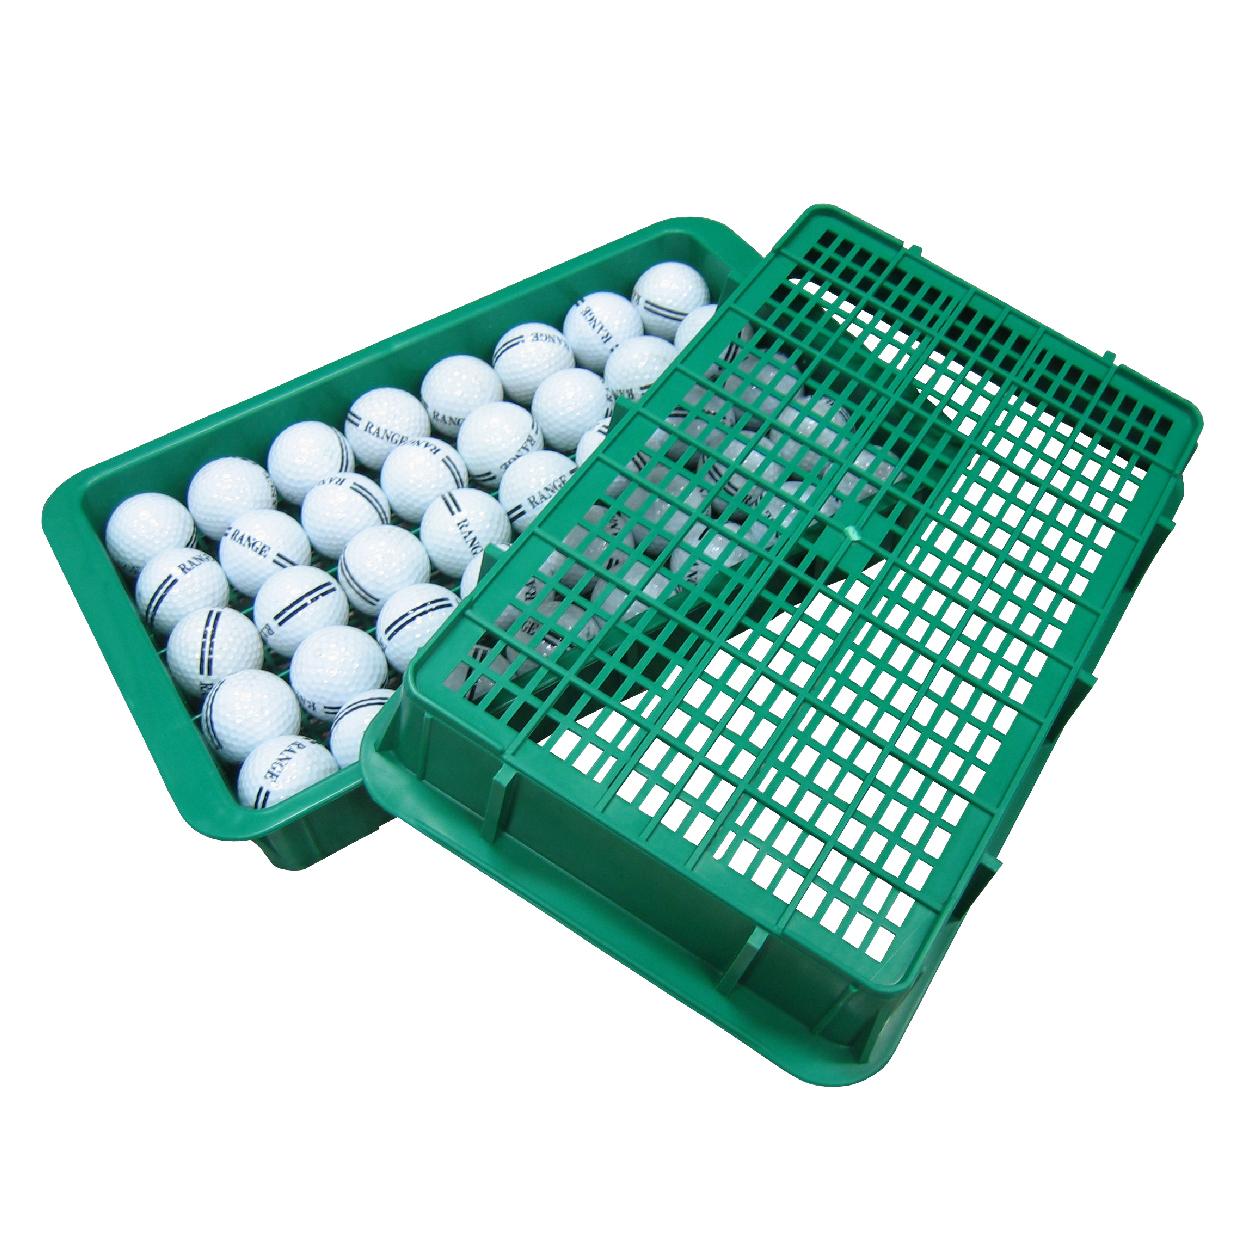 ถาดใส่ลูกกอล์ฟ ขนาด 40 ลูก (golf tray)